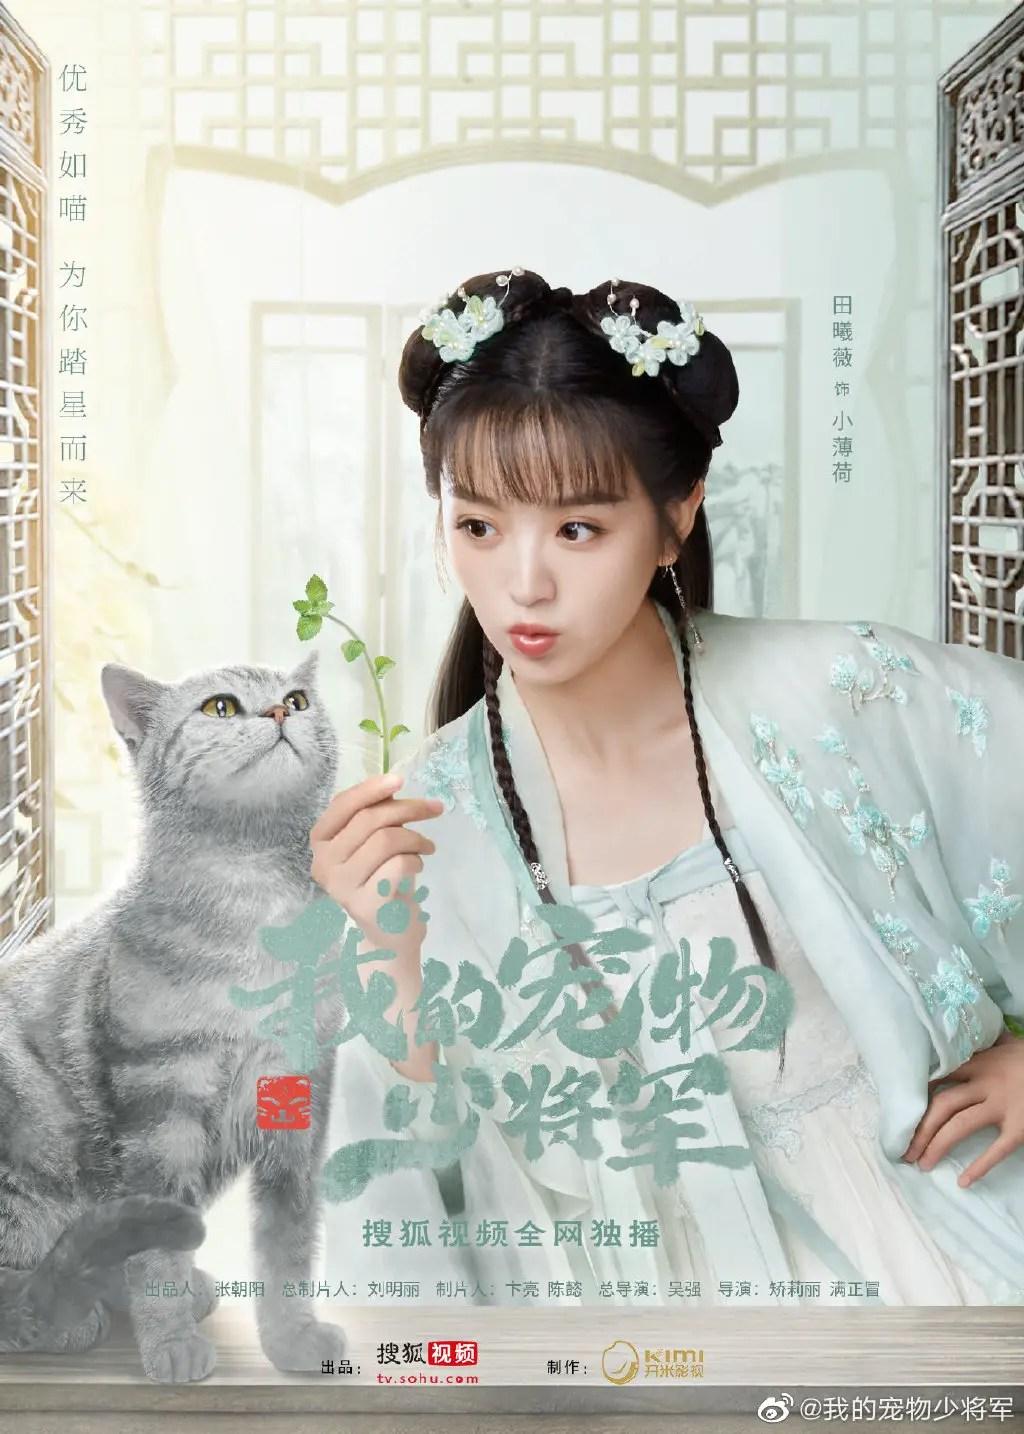 Tian Xi Wei